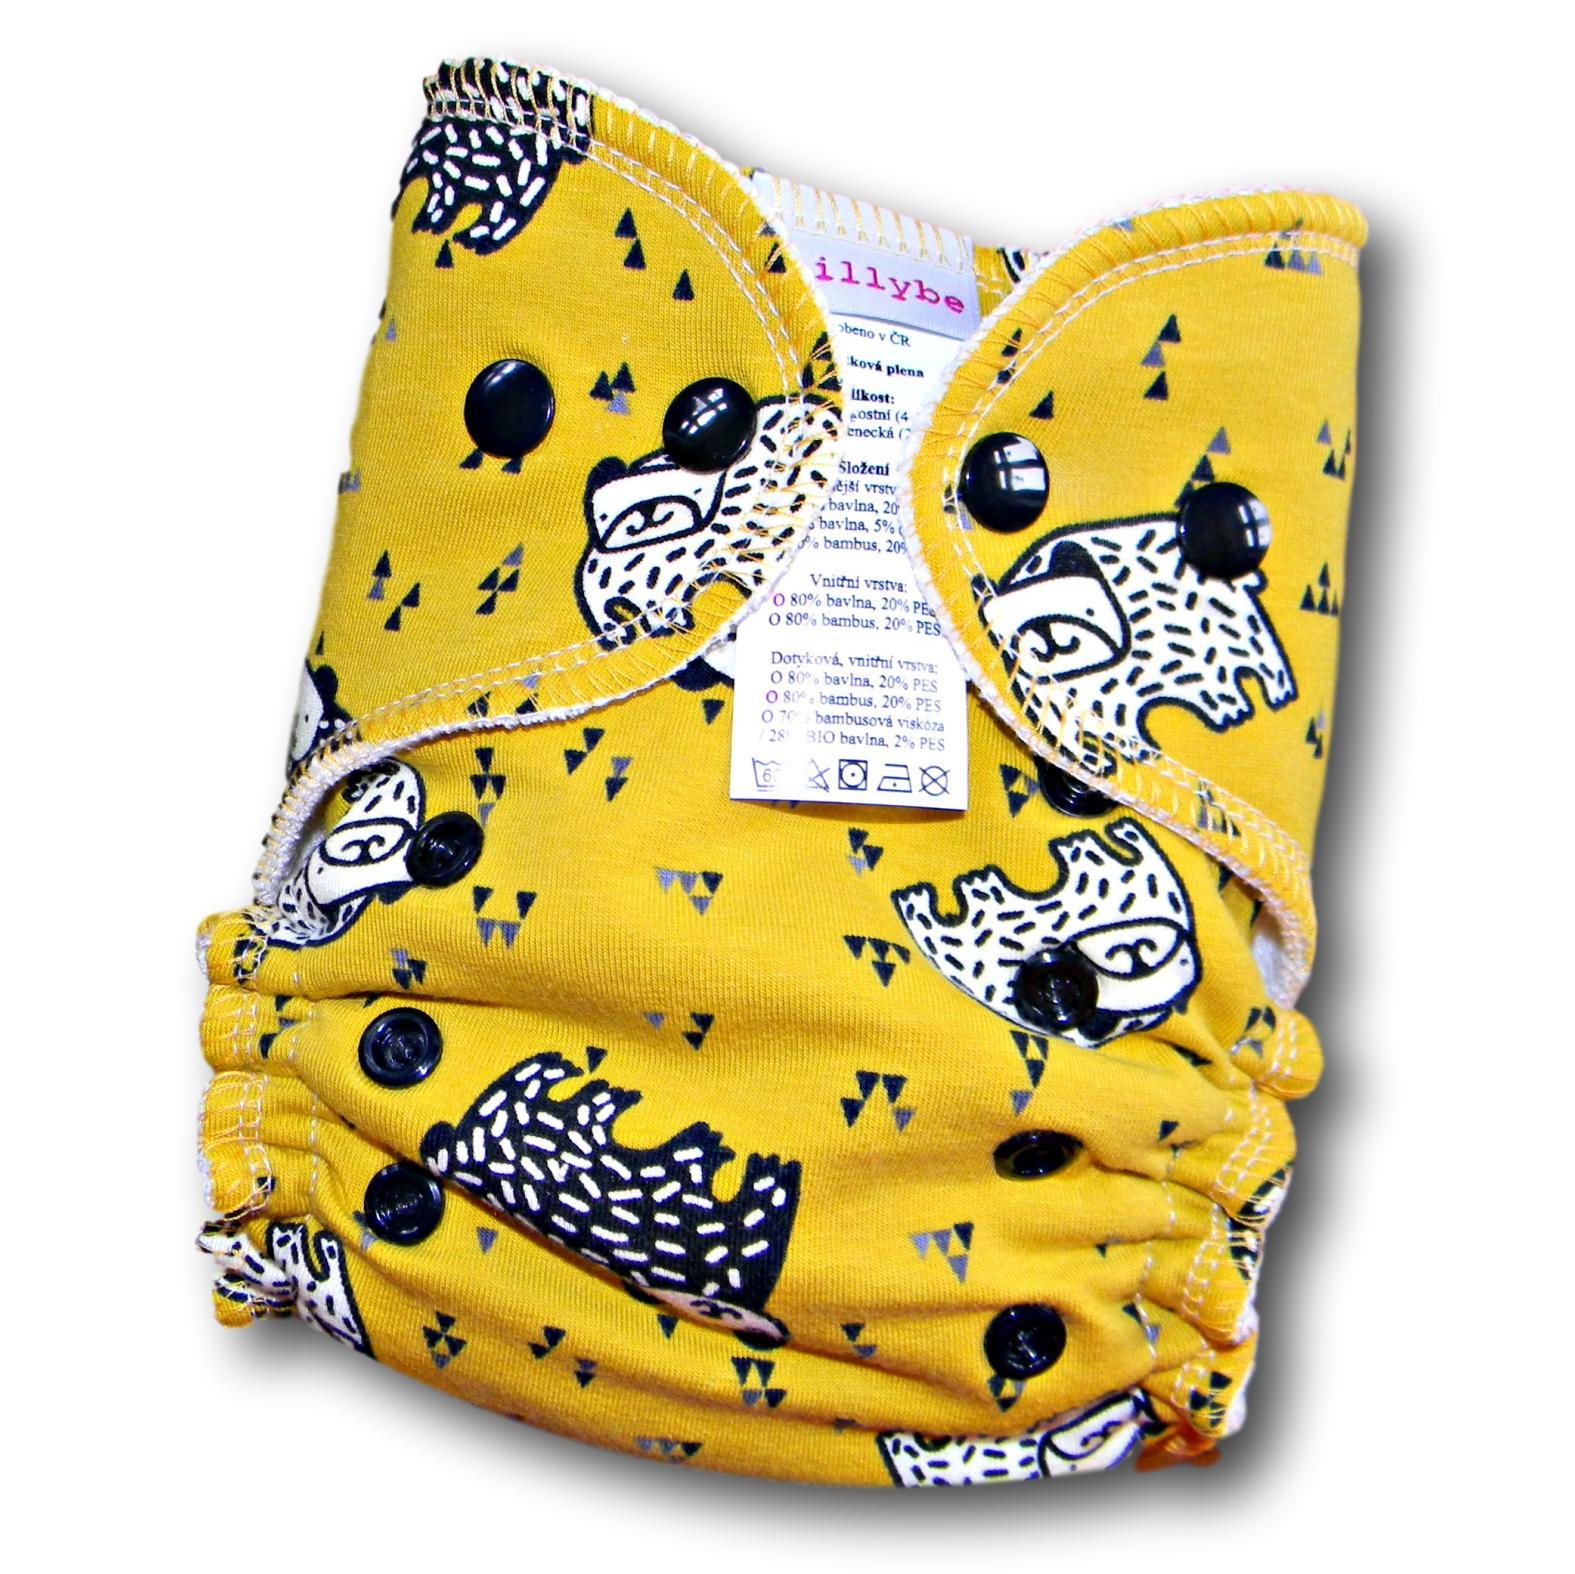 Kalhotová plena Lillybe na patentky - Medvědi (Jednovelikostní kalhotová plena NOVÁ - obsahuje dlouhou vkládací plenu)